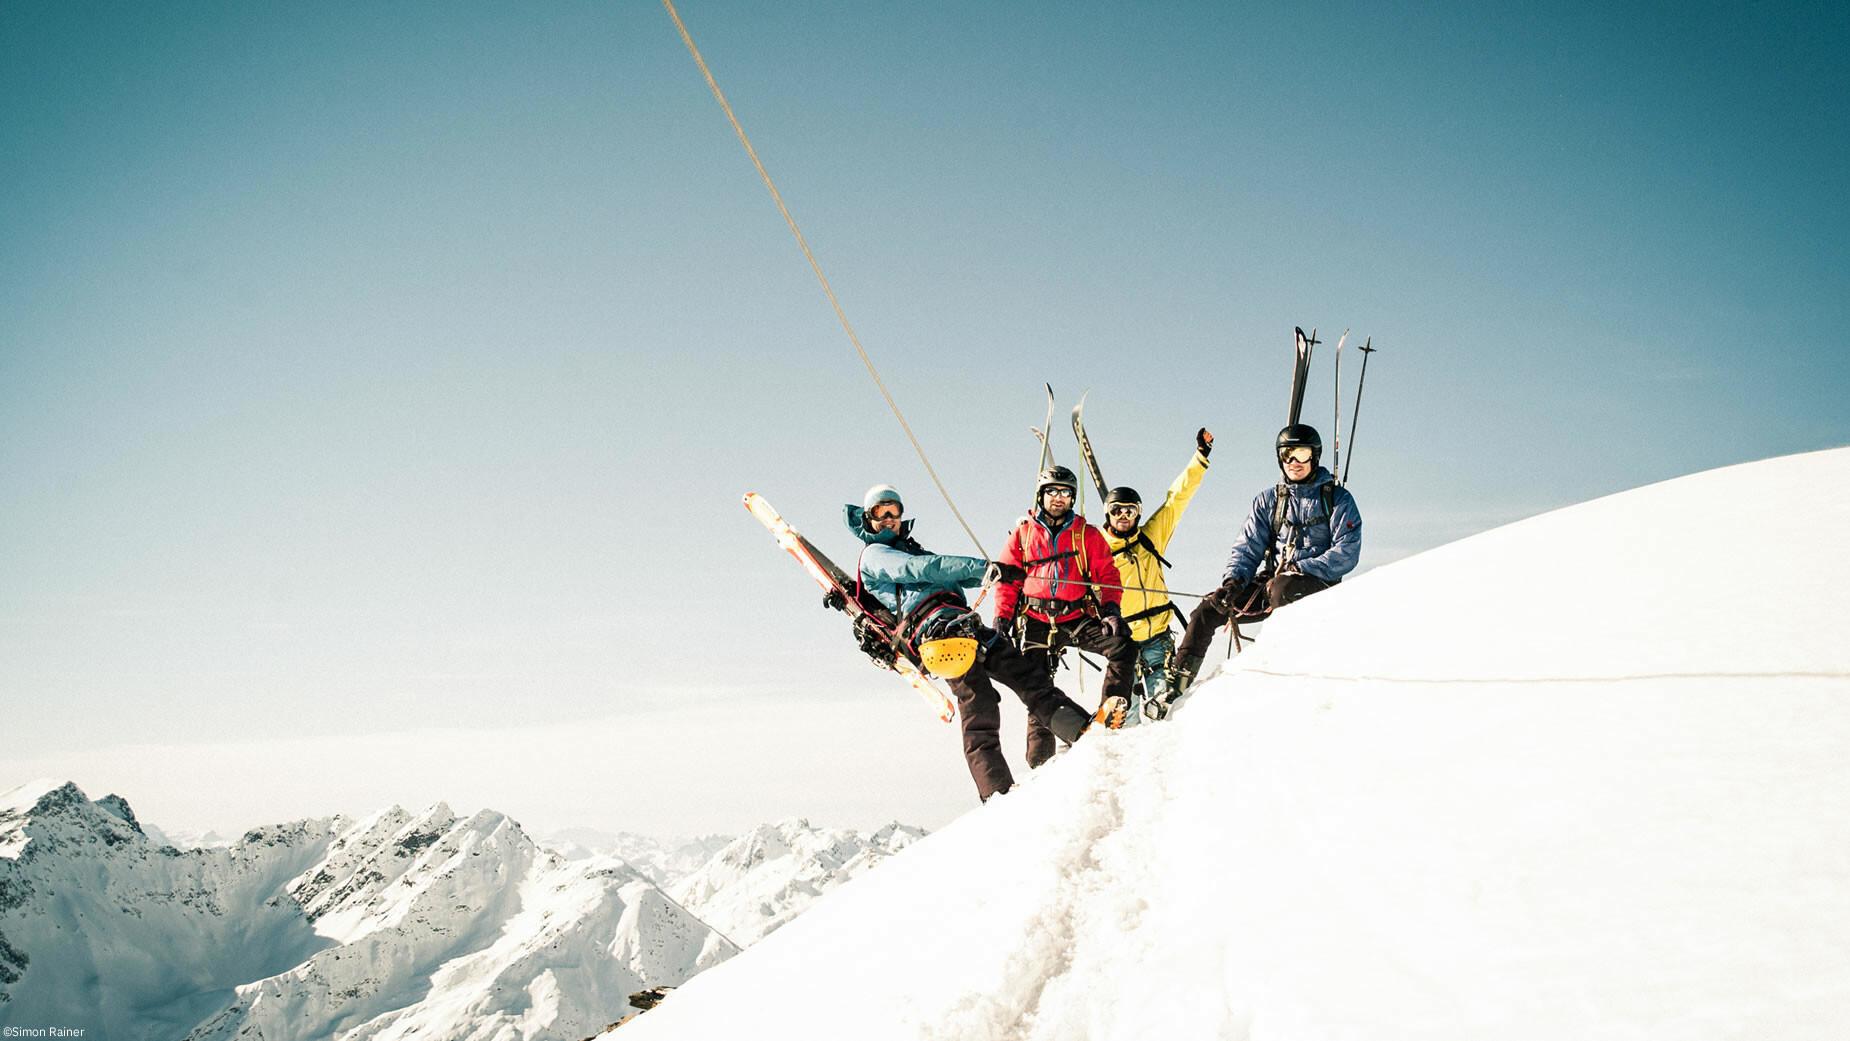 Arlberger Winterklettersteig am Rendl in St. Anton am Arlberg